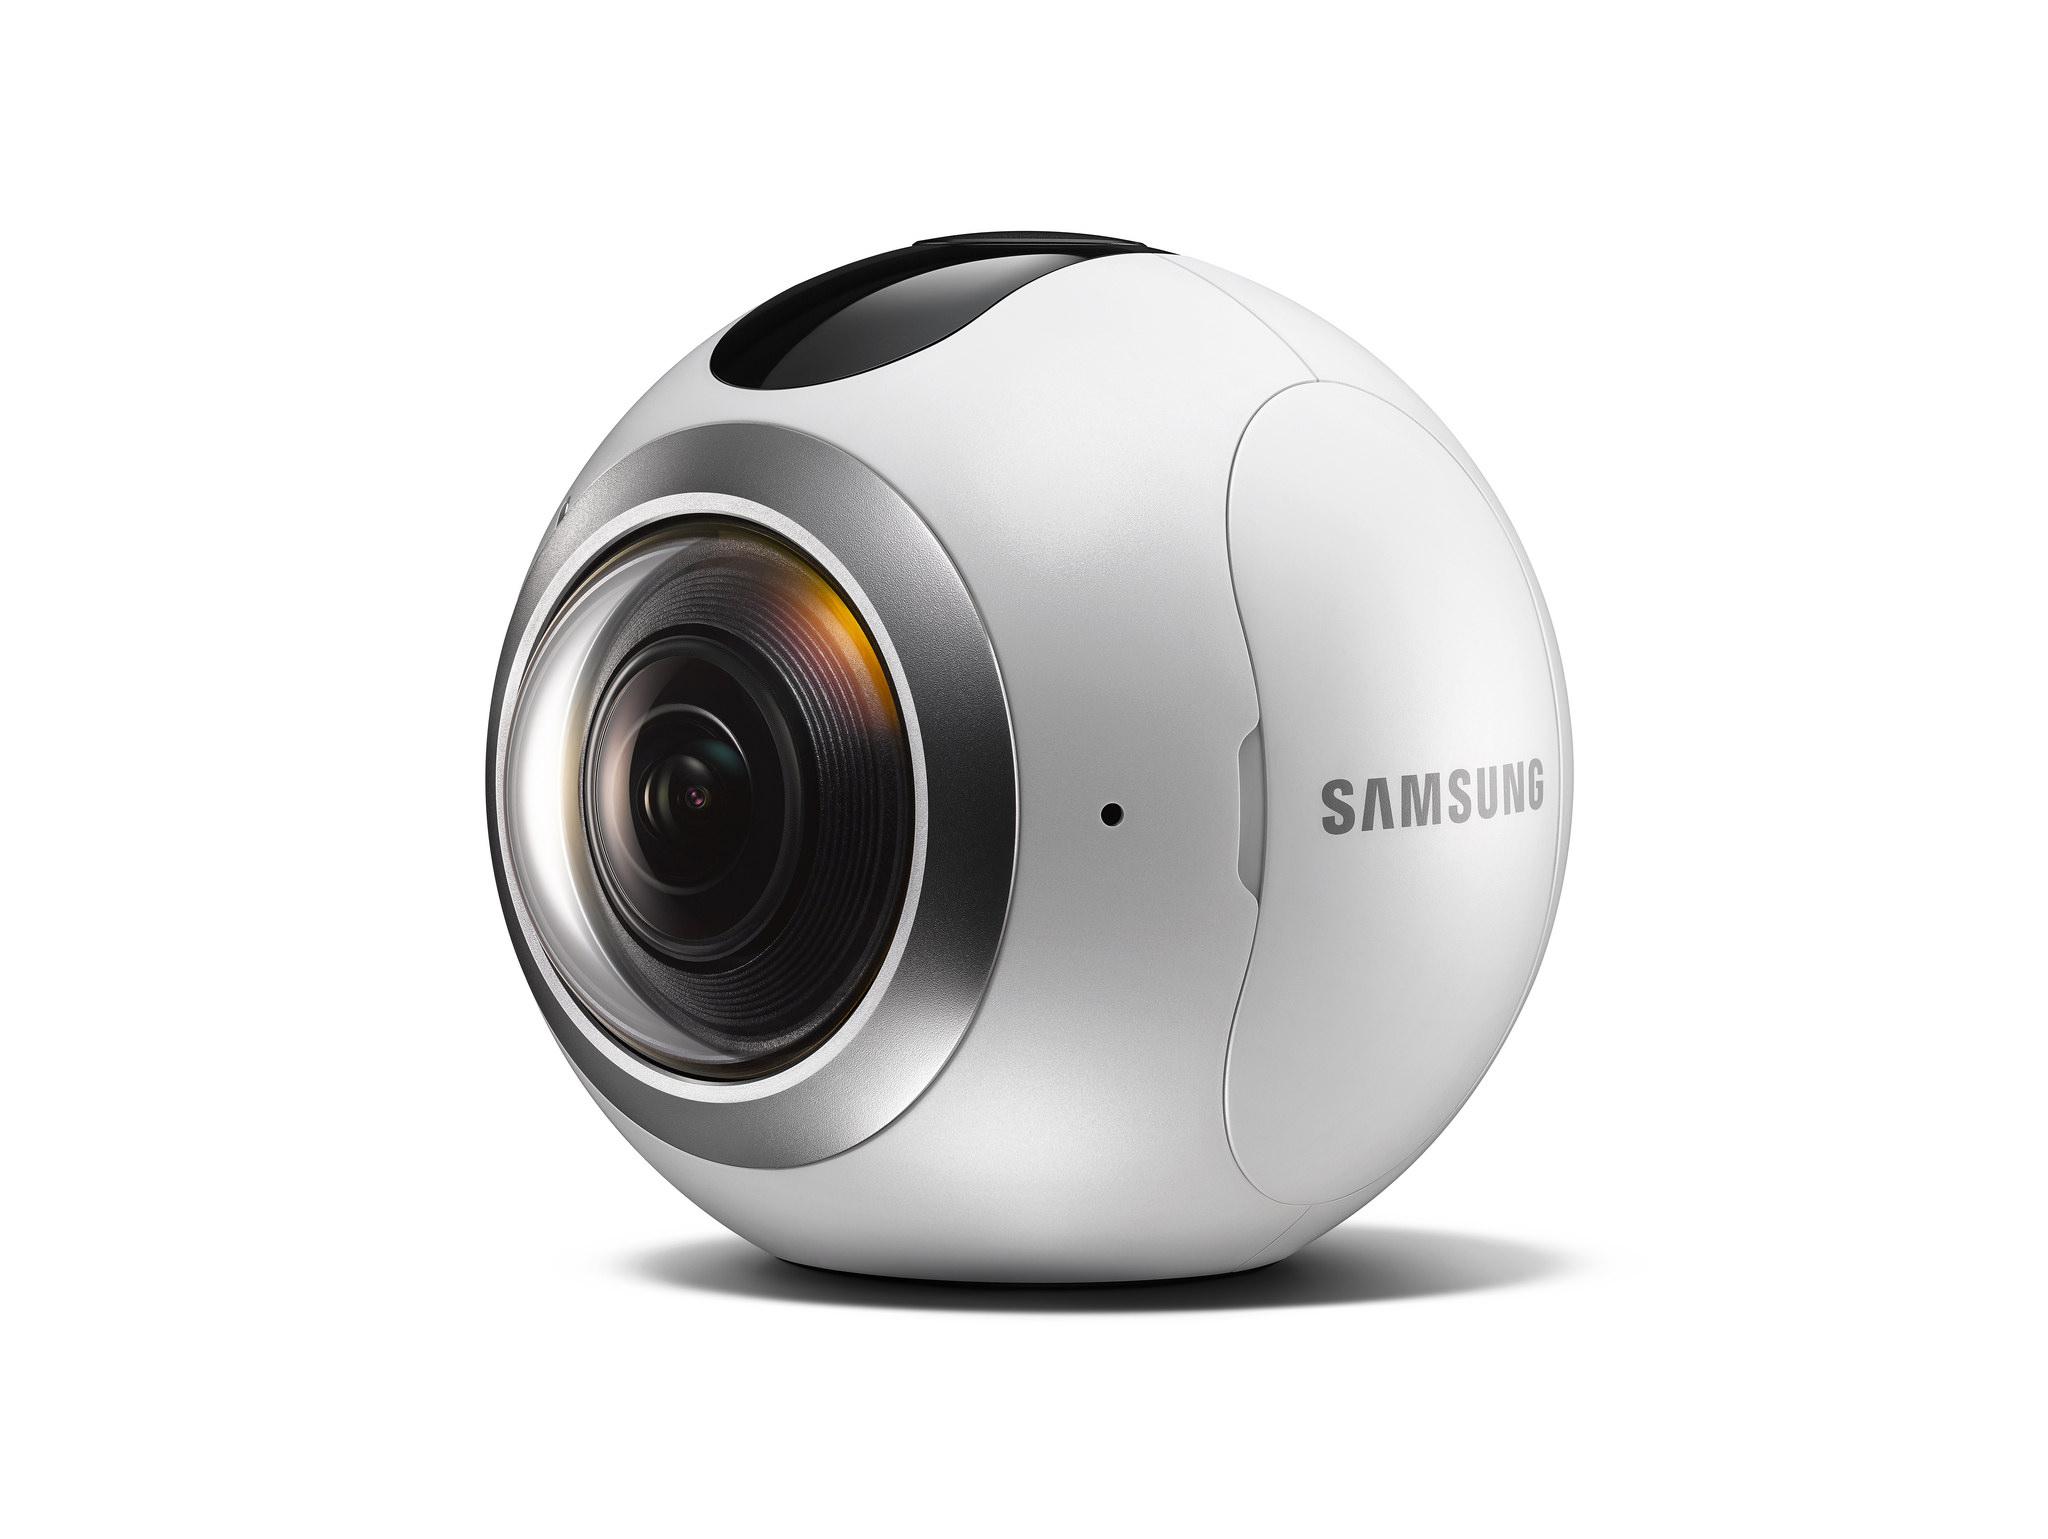 Samsung Gear 360: prezzo e scheda della videocamera panoramica